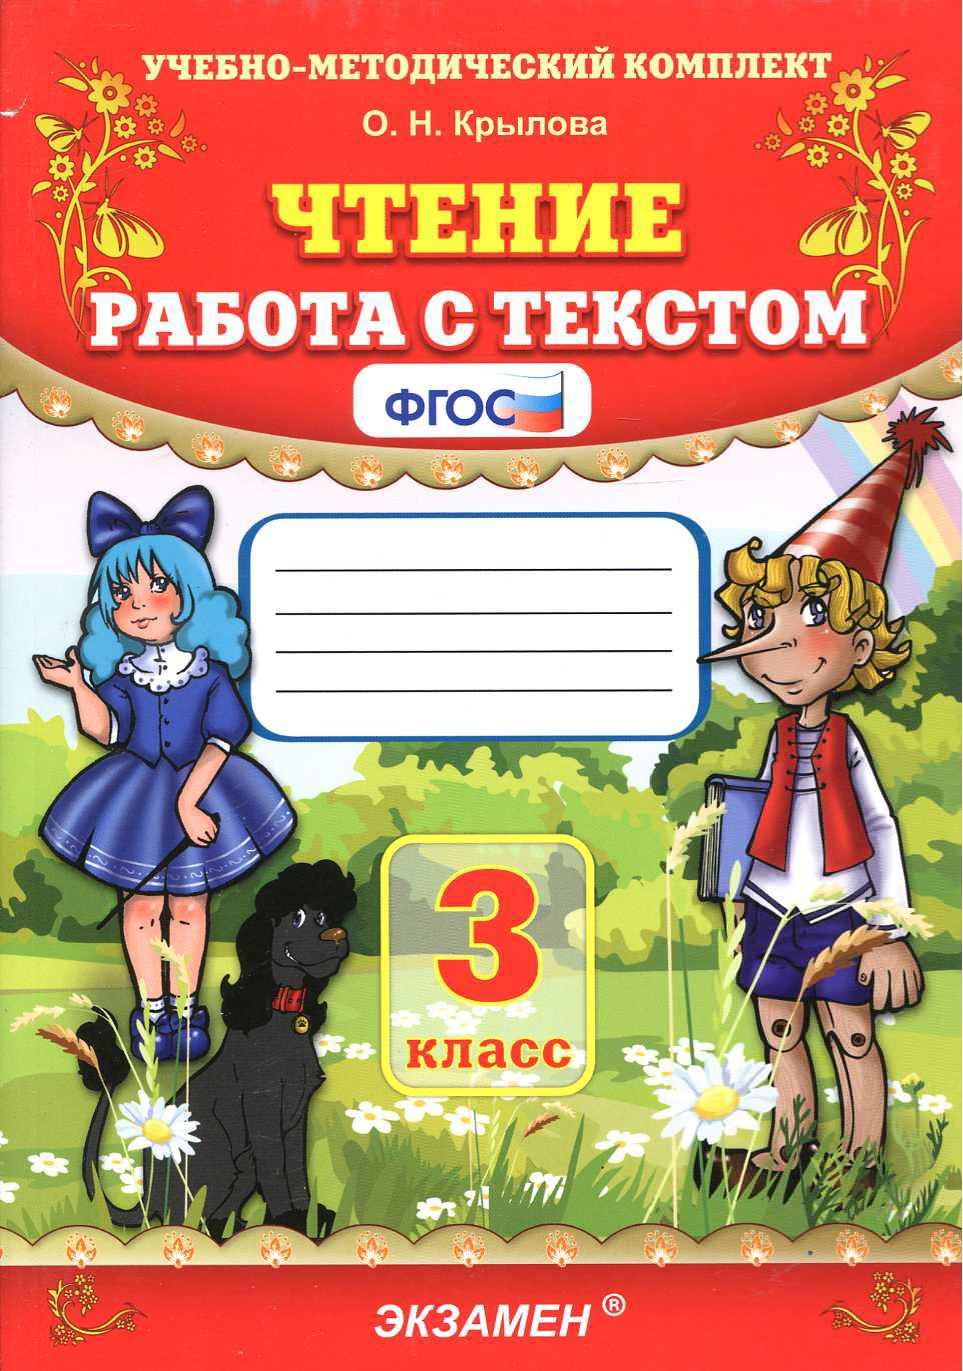 Чтение. Работа с текстом. 3 класс